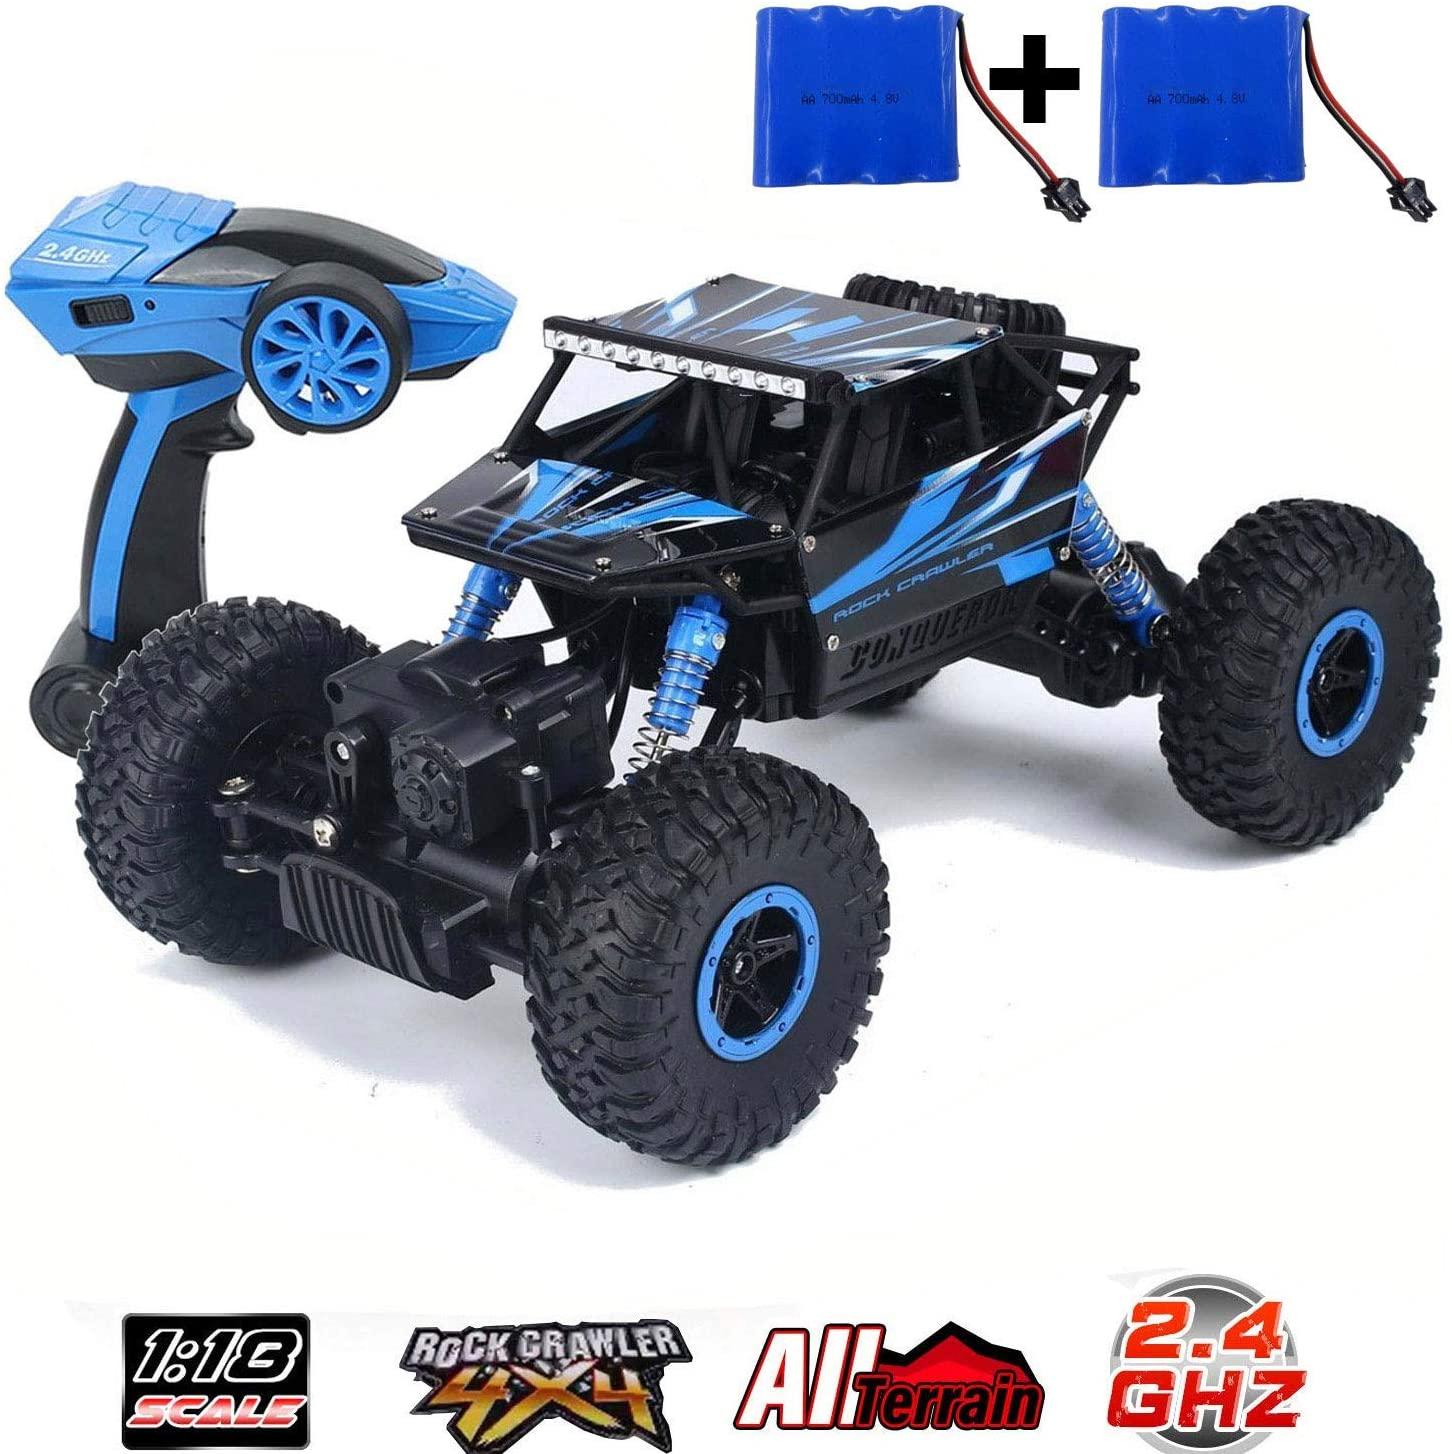 SZJJX RC Camiones de Control Remoto de Carretera 2.4 GHz 4 WD Potente 1:18 Carreras Escalada Coches Radio Eléctrico Rock Crawler Buggy Hobby Juguete para niños Regalo-Azul